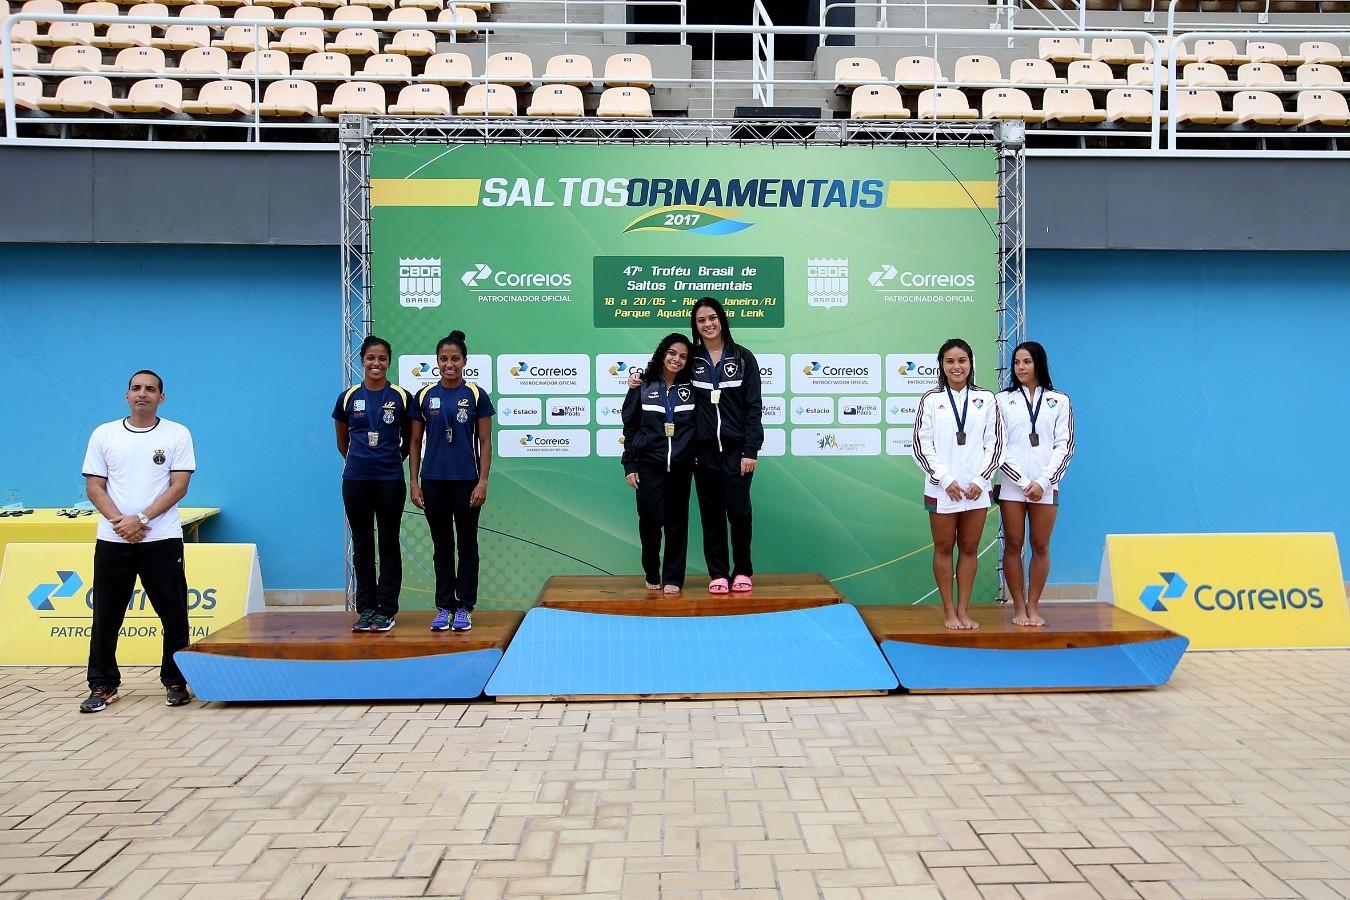 Plataforma Sincronizada. Trofeu Brasil de Saltos Ornamentais. 20 de maio de 2017, Rio de Janeiro, RJ. Foto: Satiro Sodré/SSPress/CBDA